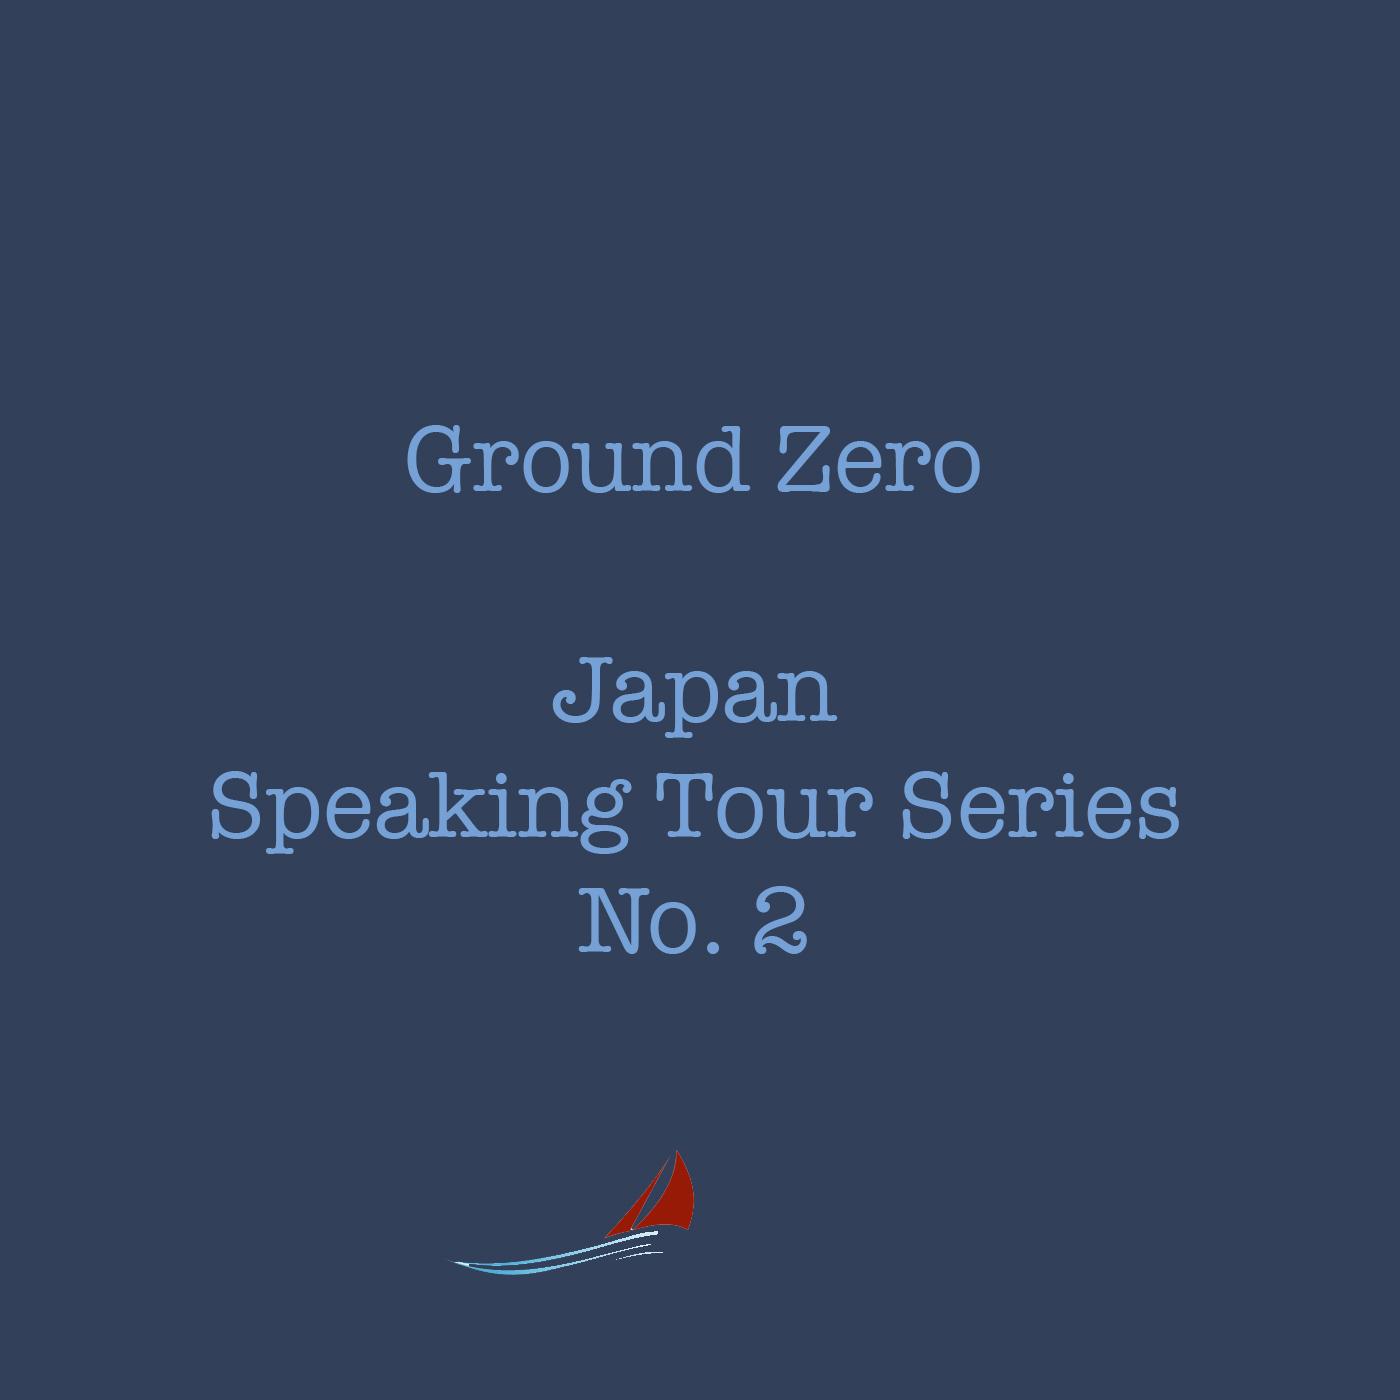 groundzero_logo-1.jpg